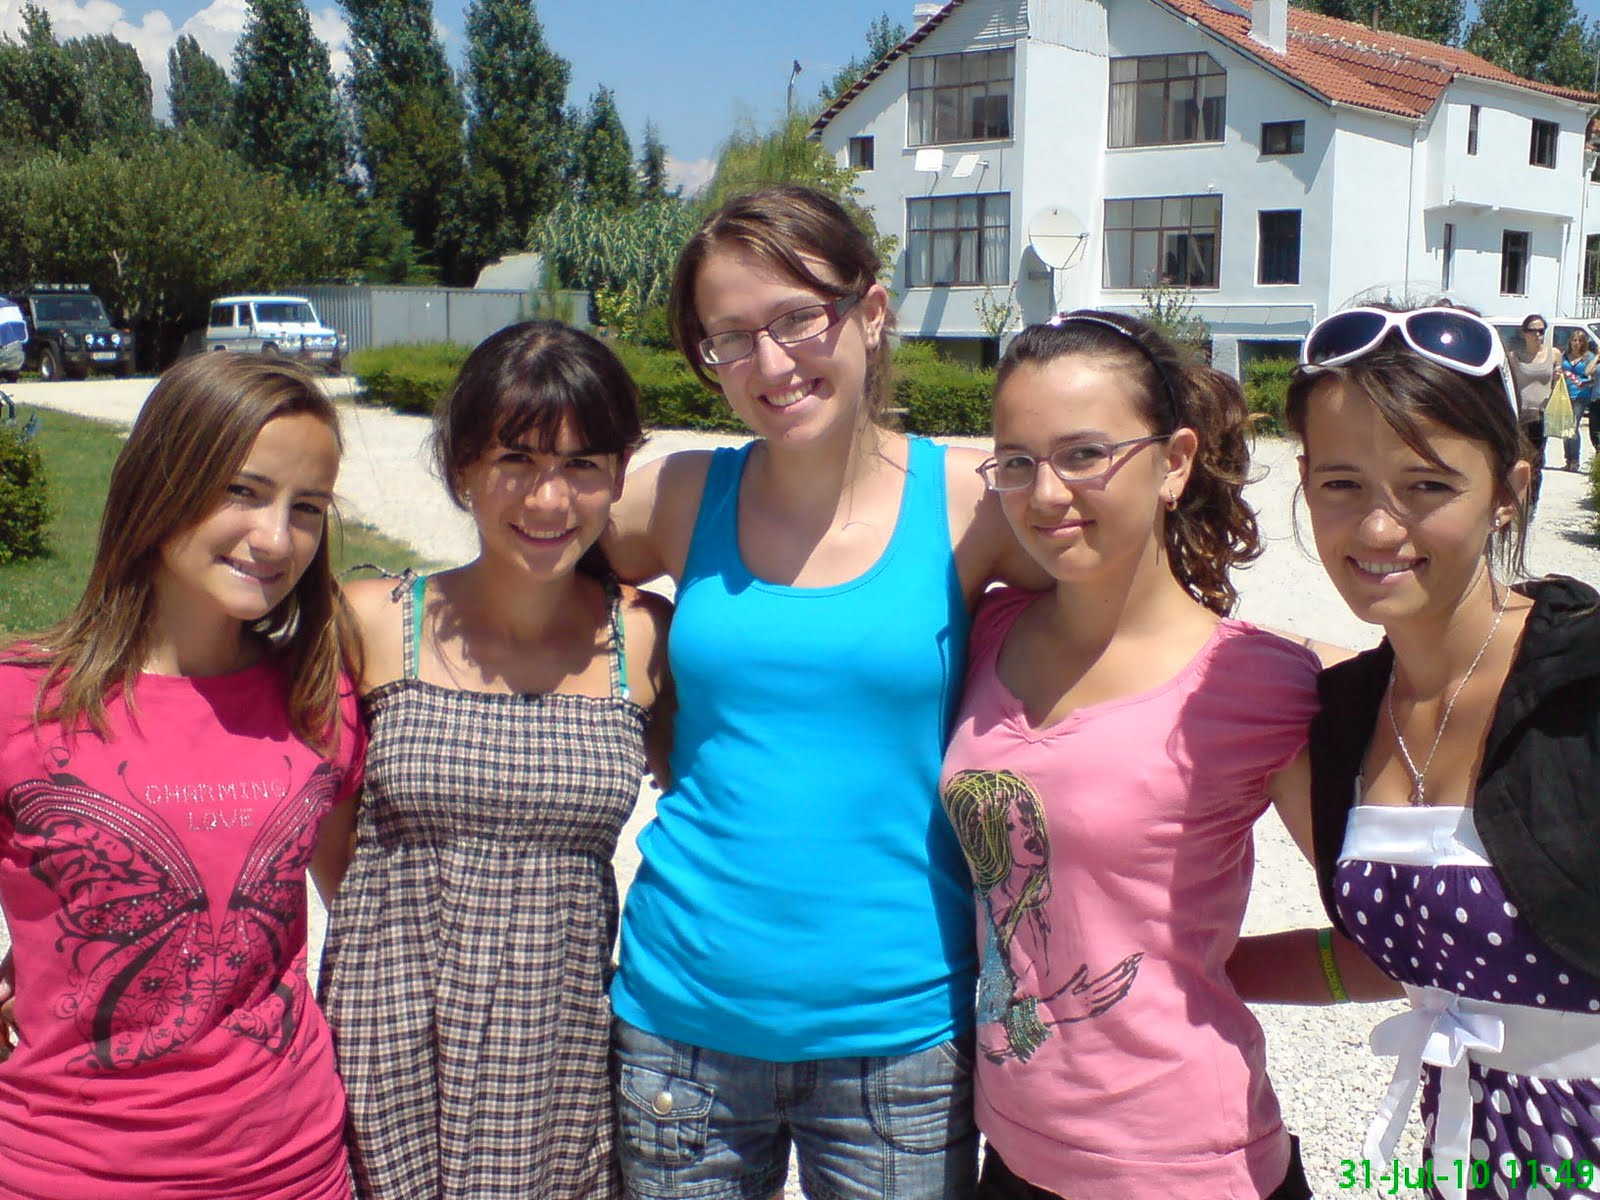 Tirana girls